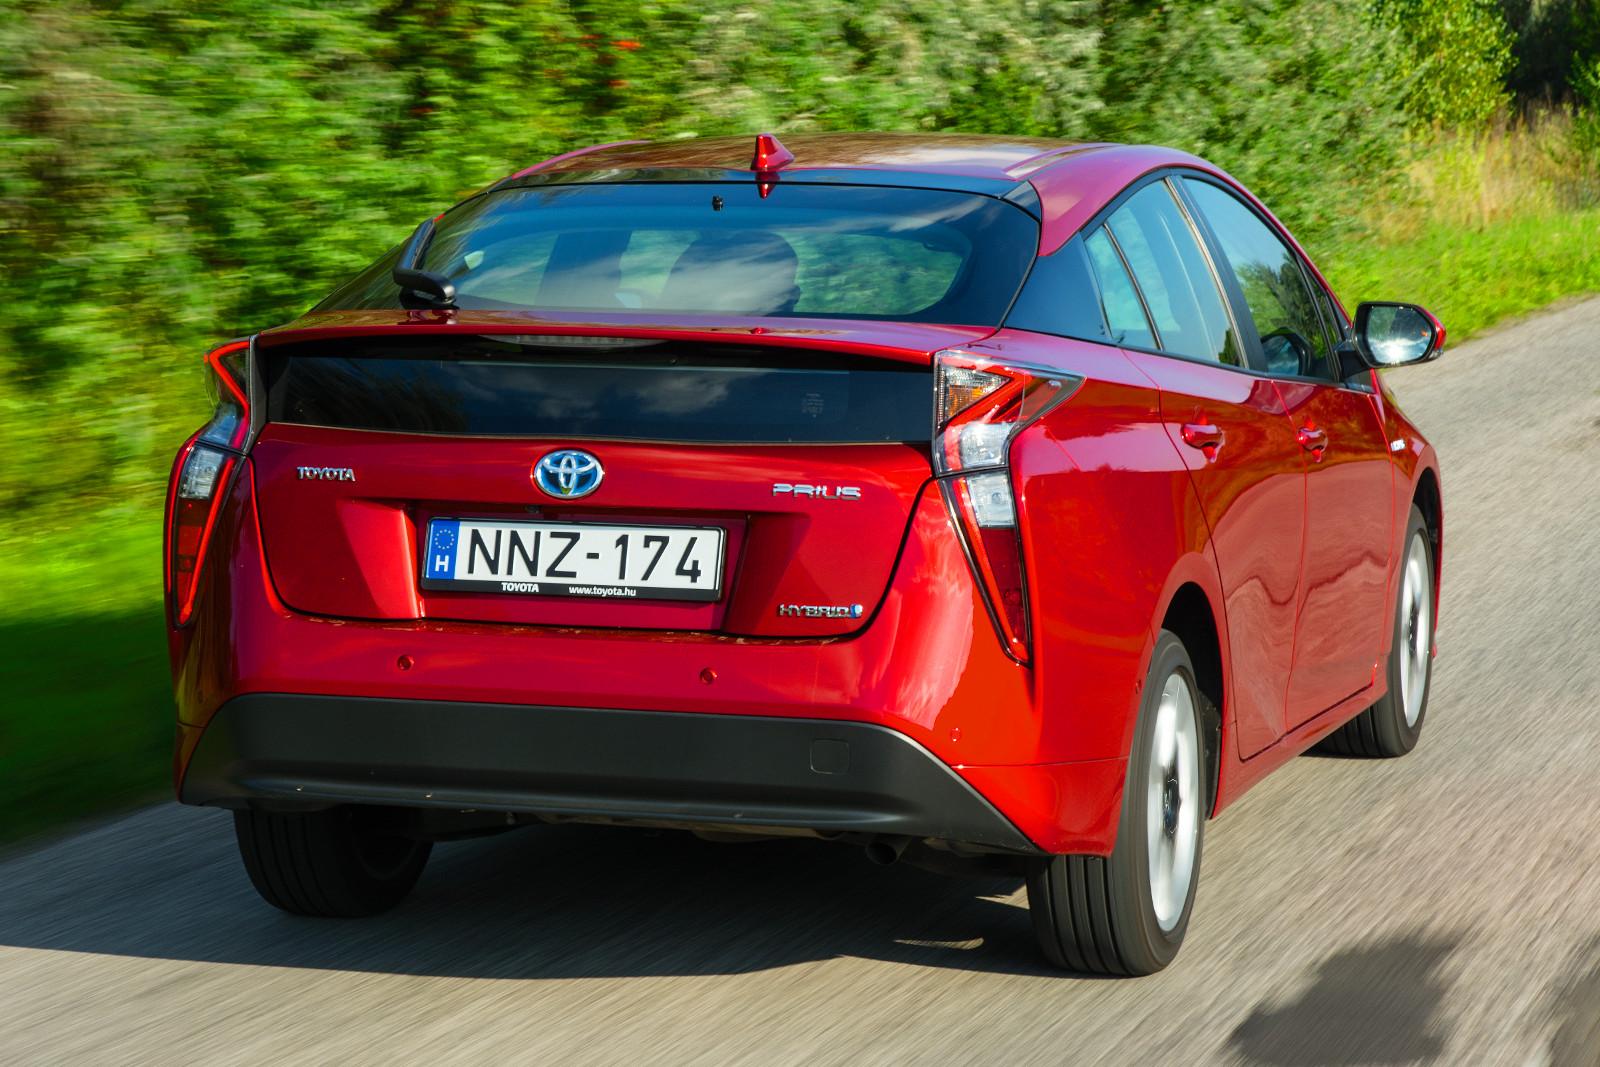 Két hasonló tudású, de régebbi technikájú Auris hibrid (4 205 000 Ft) is kijön a Prius árából, és a RAV4 hibrid (7 100 000 Ft) is olcsóbb, mint a divatautóvá vált negyedik generáció